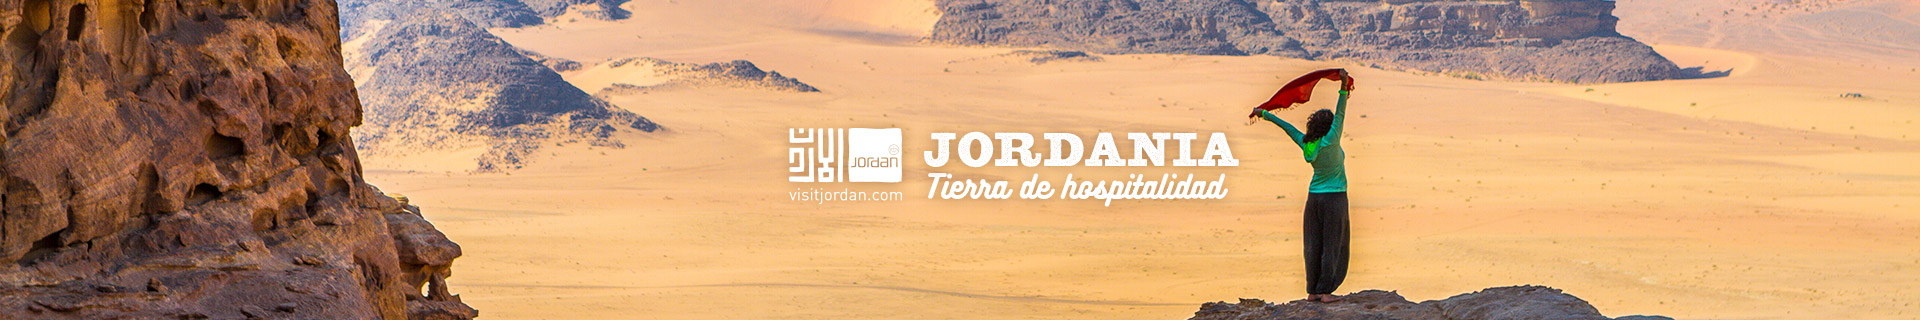 Jordania, un destino increible